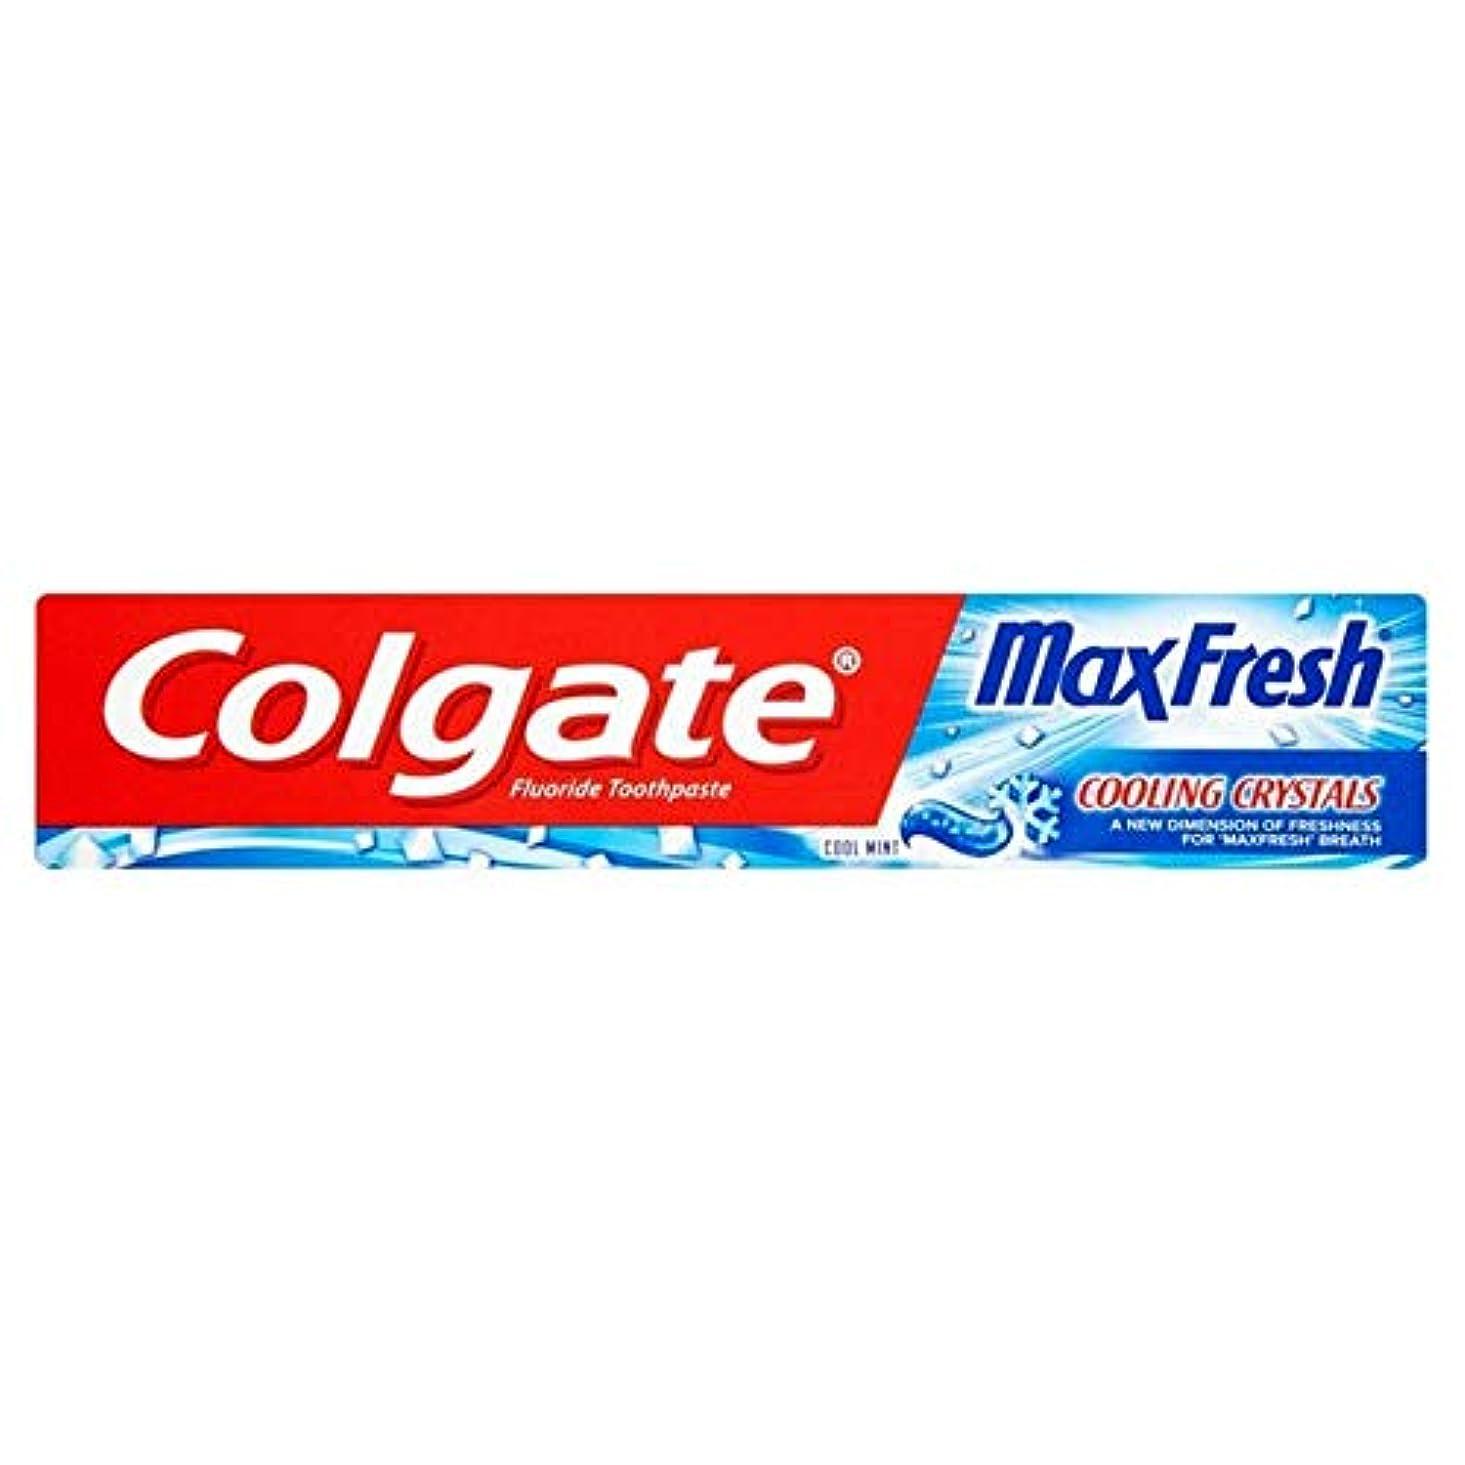 センチメートル登る豚肉[Colgate ] 冷却結晶歯磨き粉75ミリリットル新鮮なコルゲートマックス - Colgate Max Fresh with Cooling Crystals Toothpaste 75ml [並行輸入品]